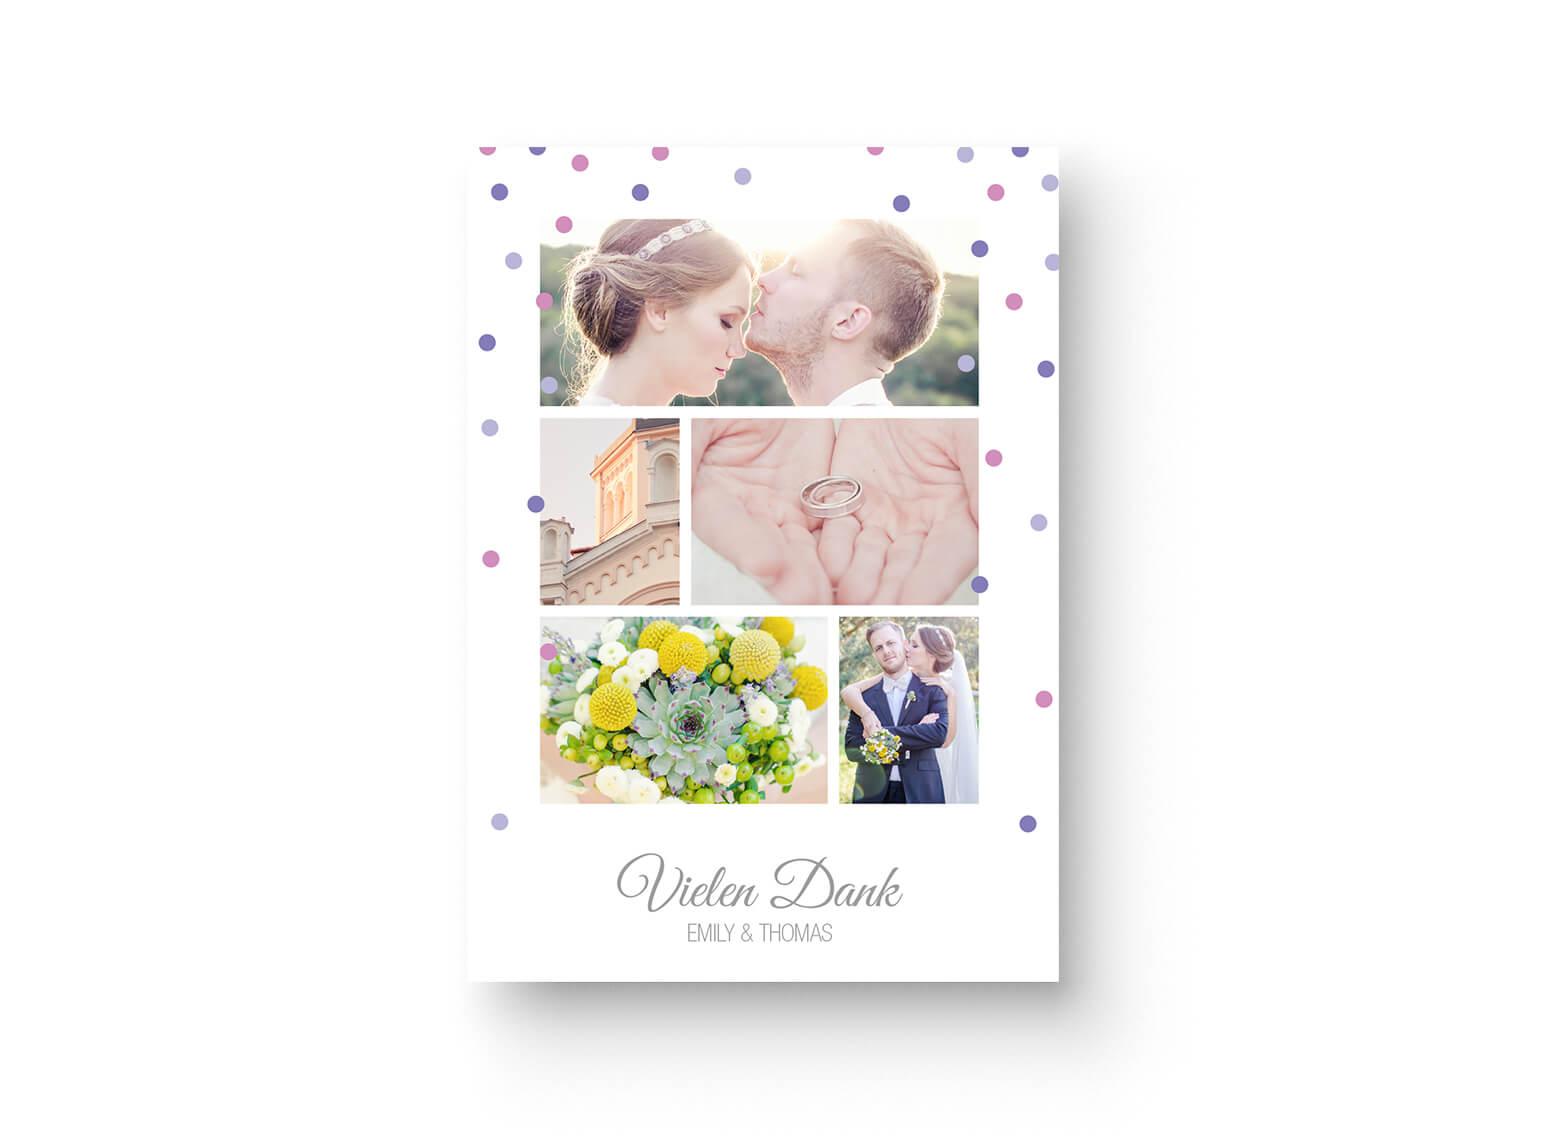 Modernes Elegantes Dankeskarten Design von Marry Paper mit Foto